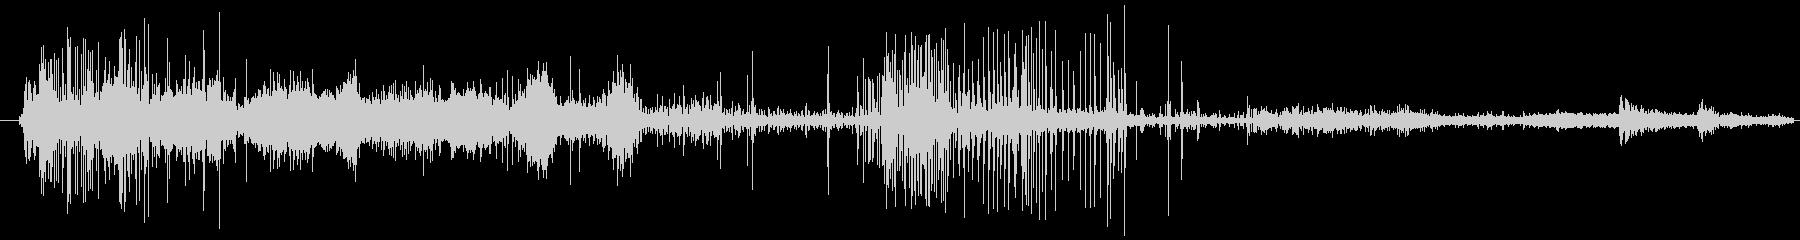 イメージ クレイジートーク11の未再生の波形